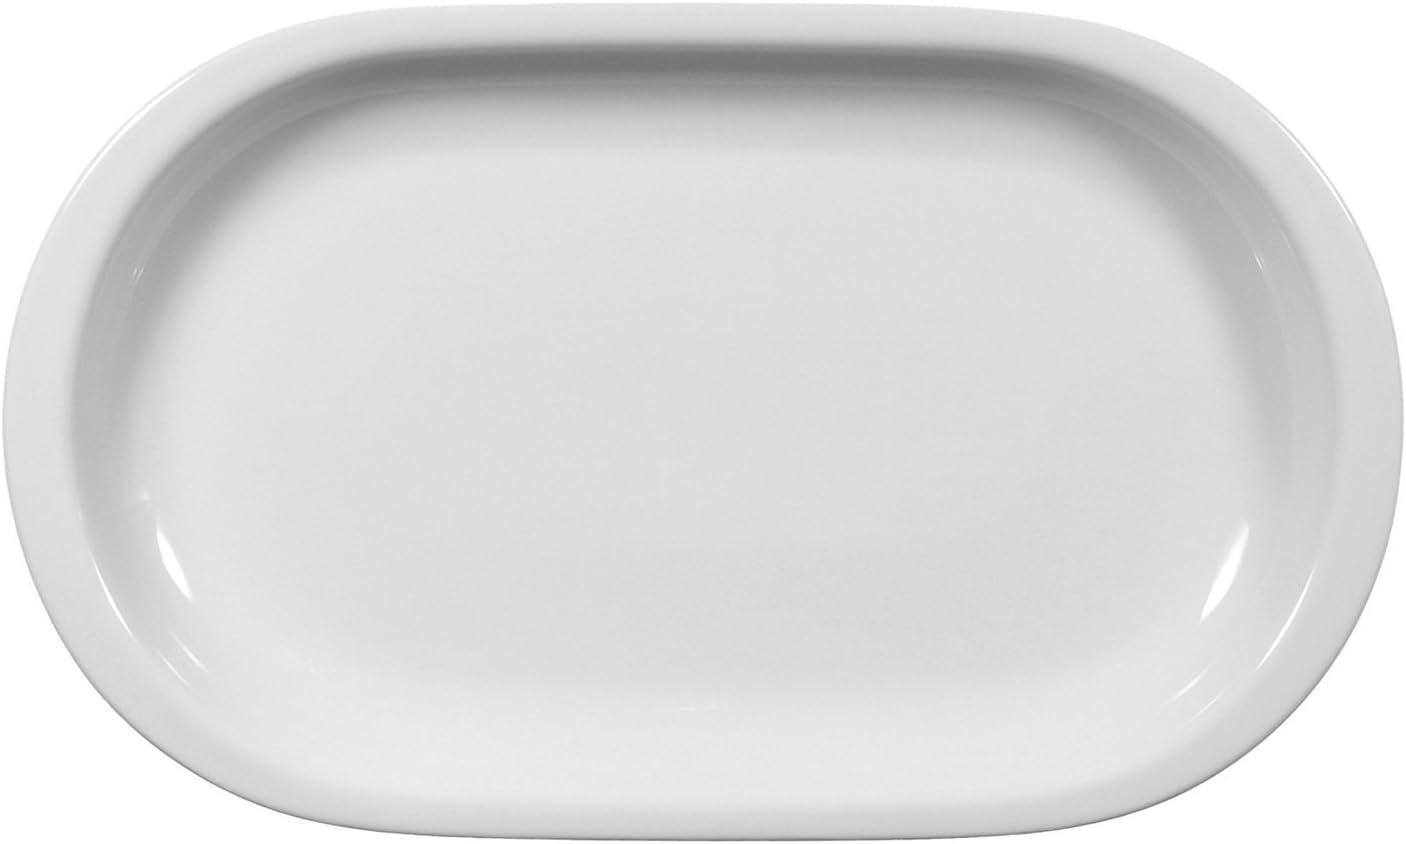 Servierplatte Seltmann Weiden 001.466621 Compact Platte oval 33 cm